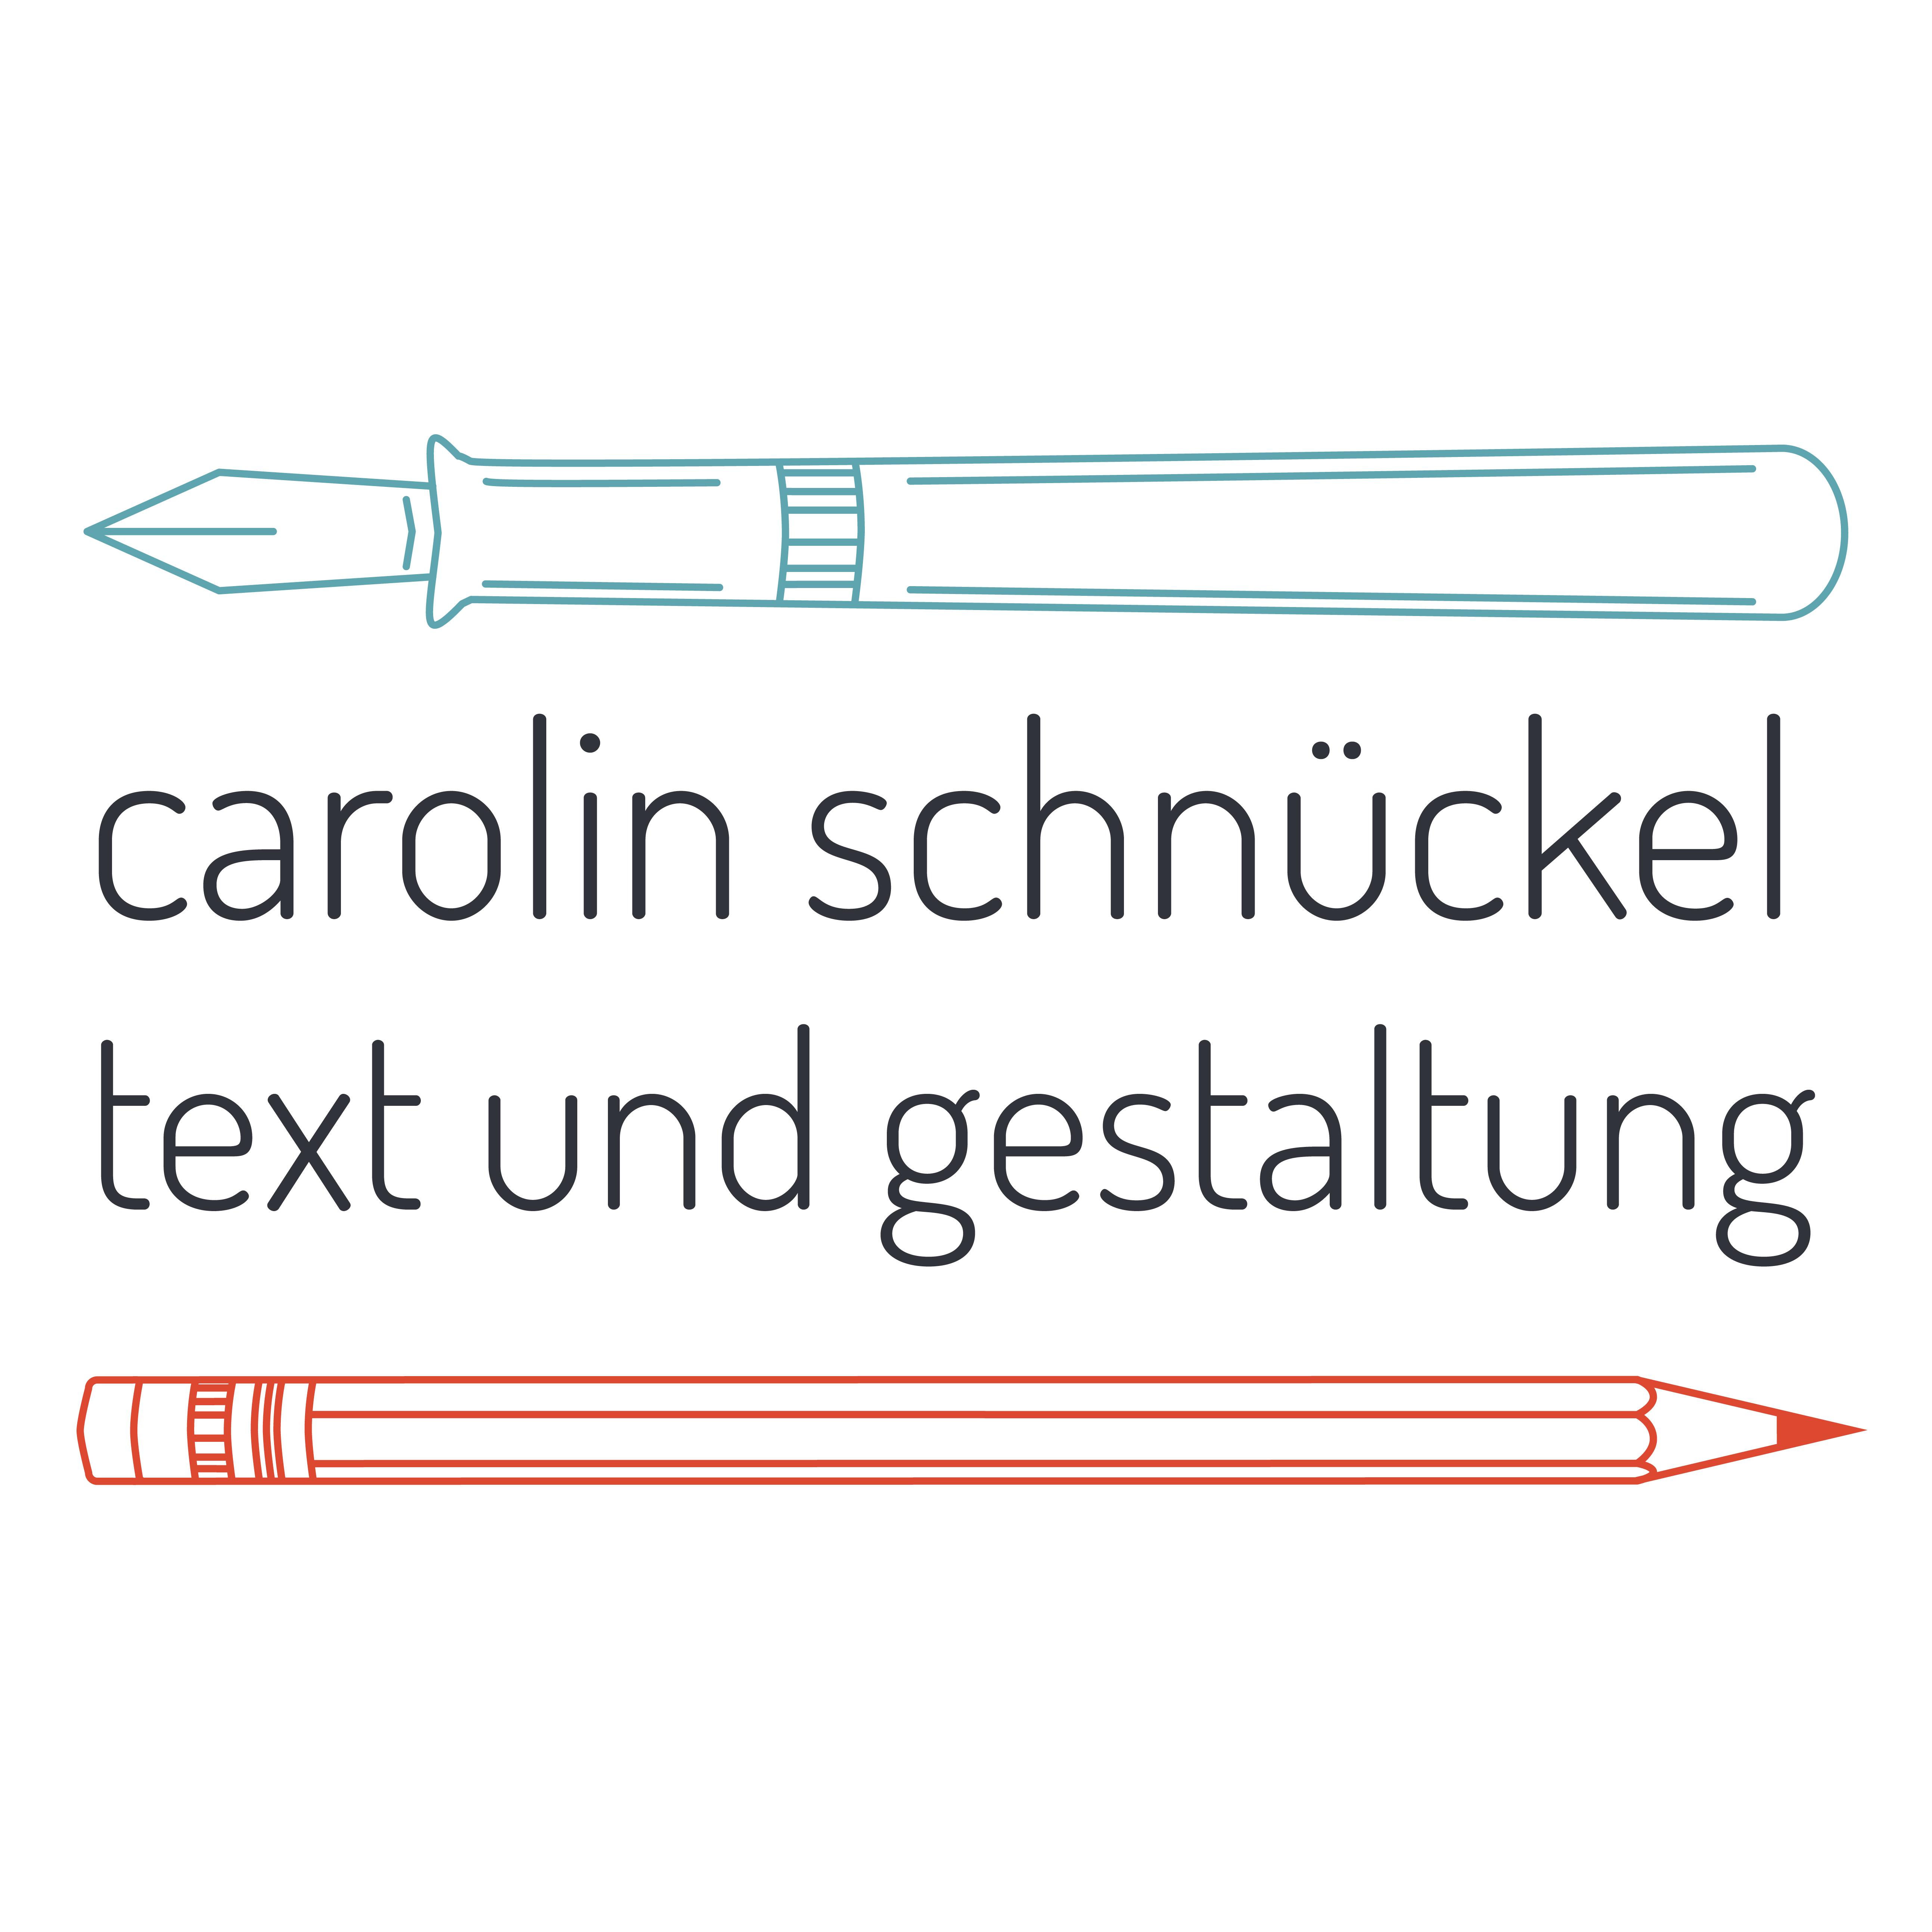 Carolin Schnückel